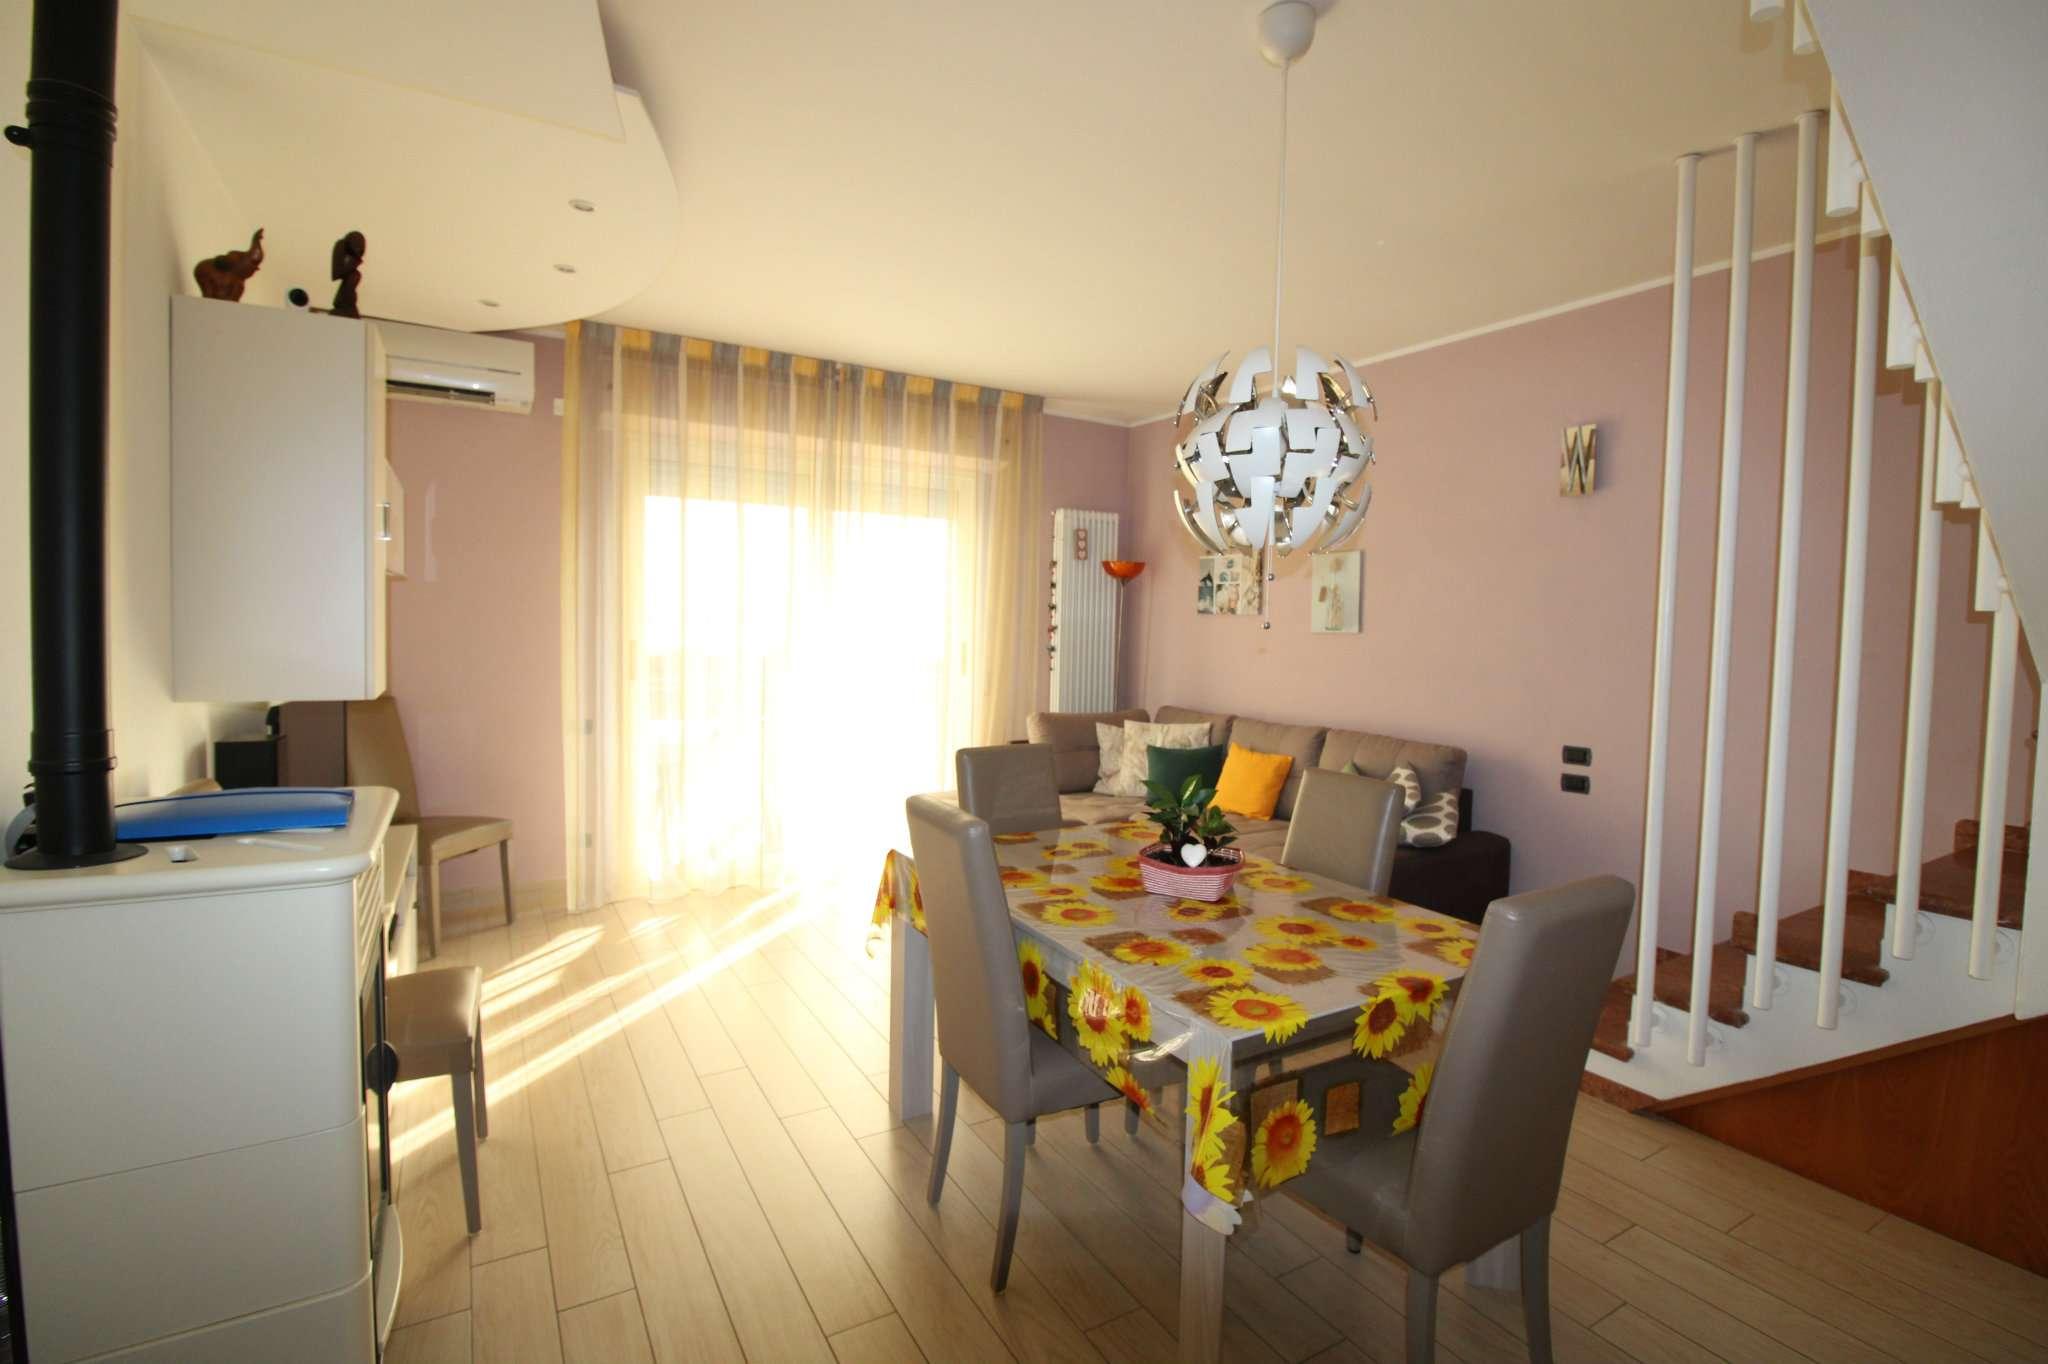 Appartamento in vendita a Bellaria Igea Marina, 4 locali, prezzo € 335.000   PortaleAgenzieImmobiliari.it